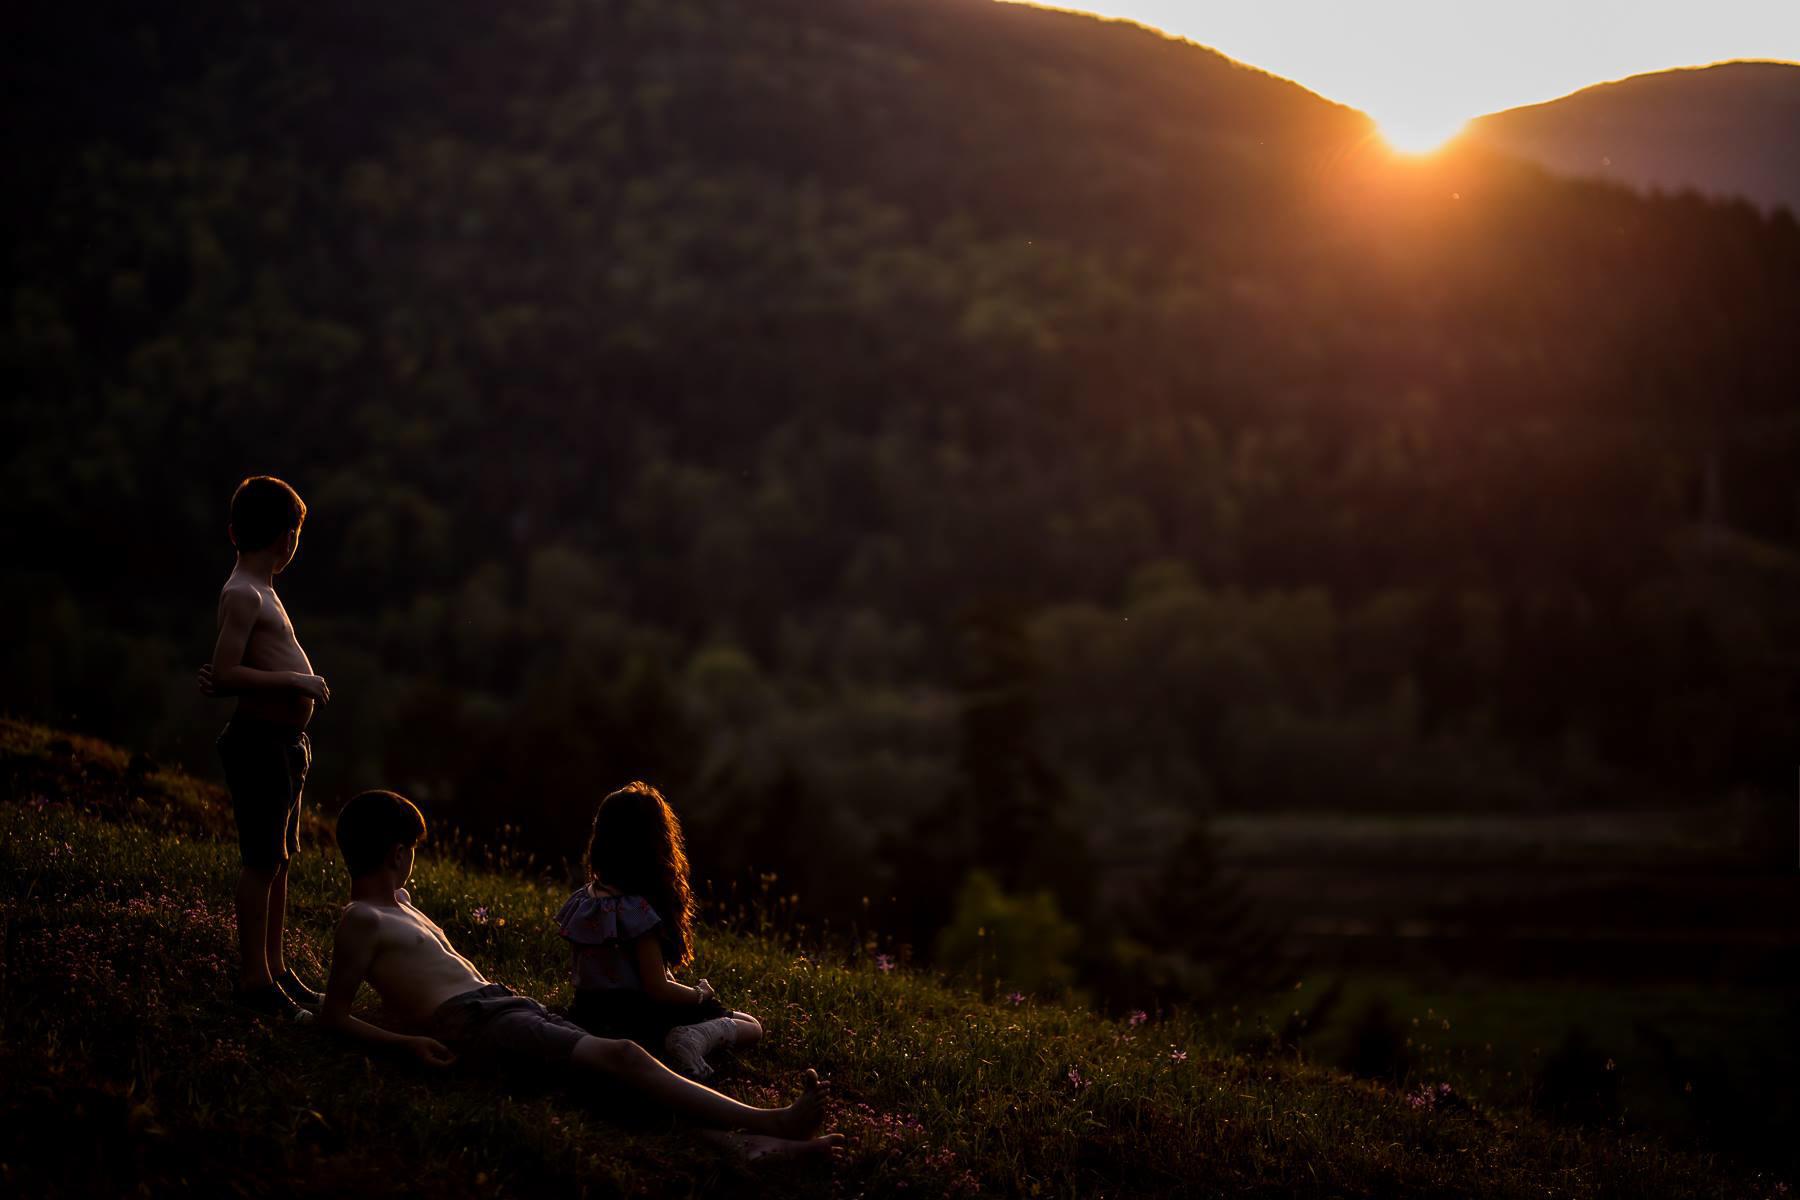 ashley marston 8 - emotional storytelling with twyla jones - children's adventure inspiration.jpg